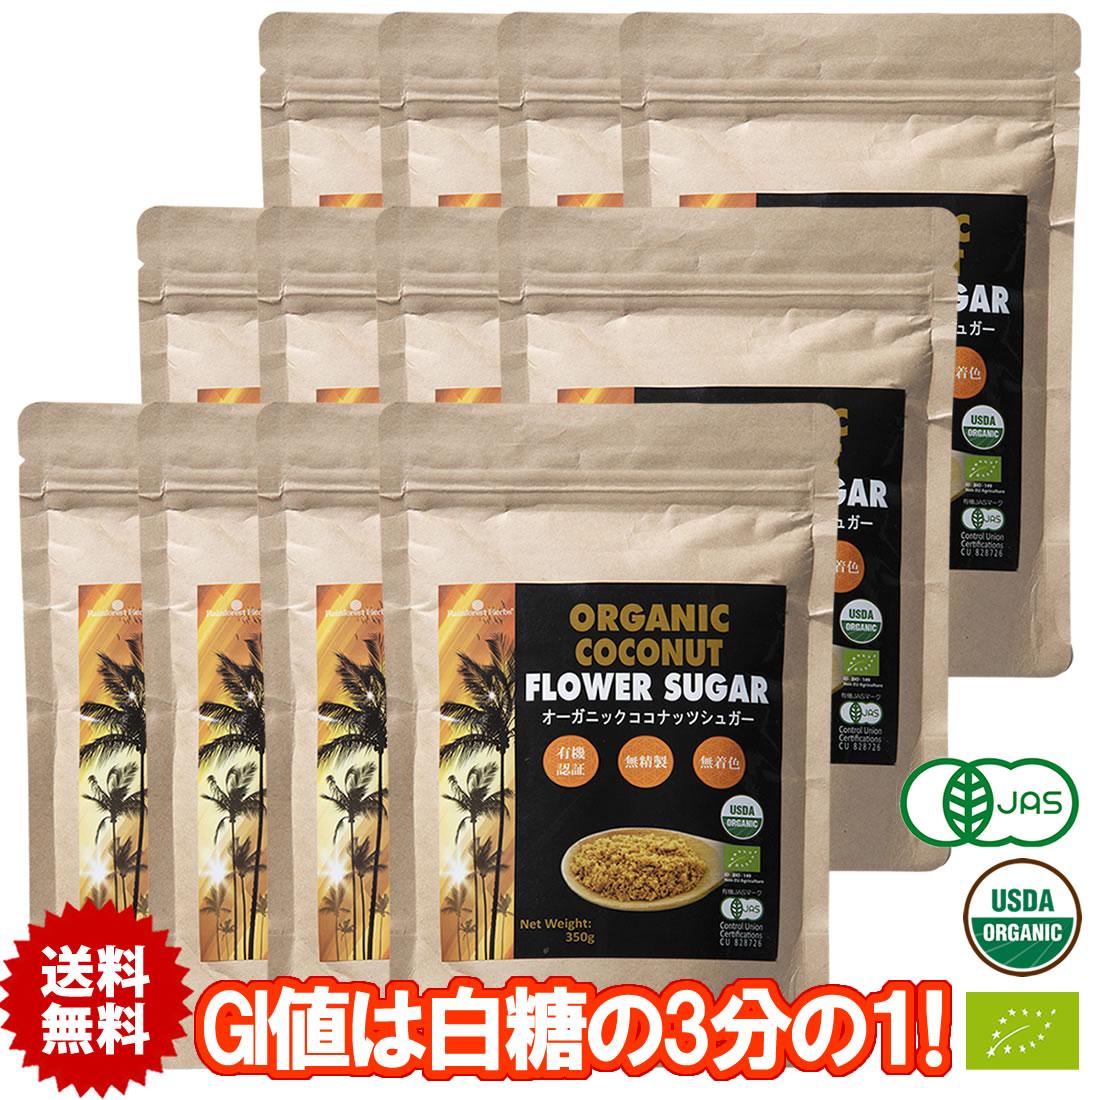 有機JASオーガニック ココナッツシュガー 350g 12袋 低GI食品 低糖質 糖質は白砂糖の3分の1 送料無料 Organic coconut sugar